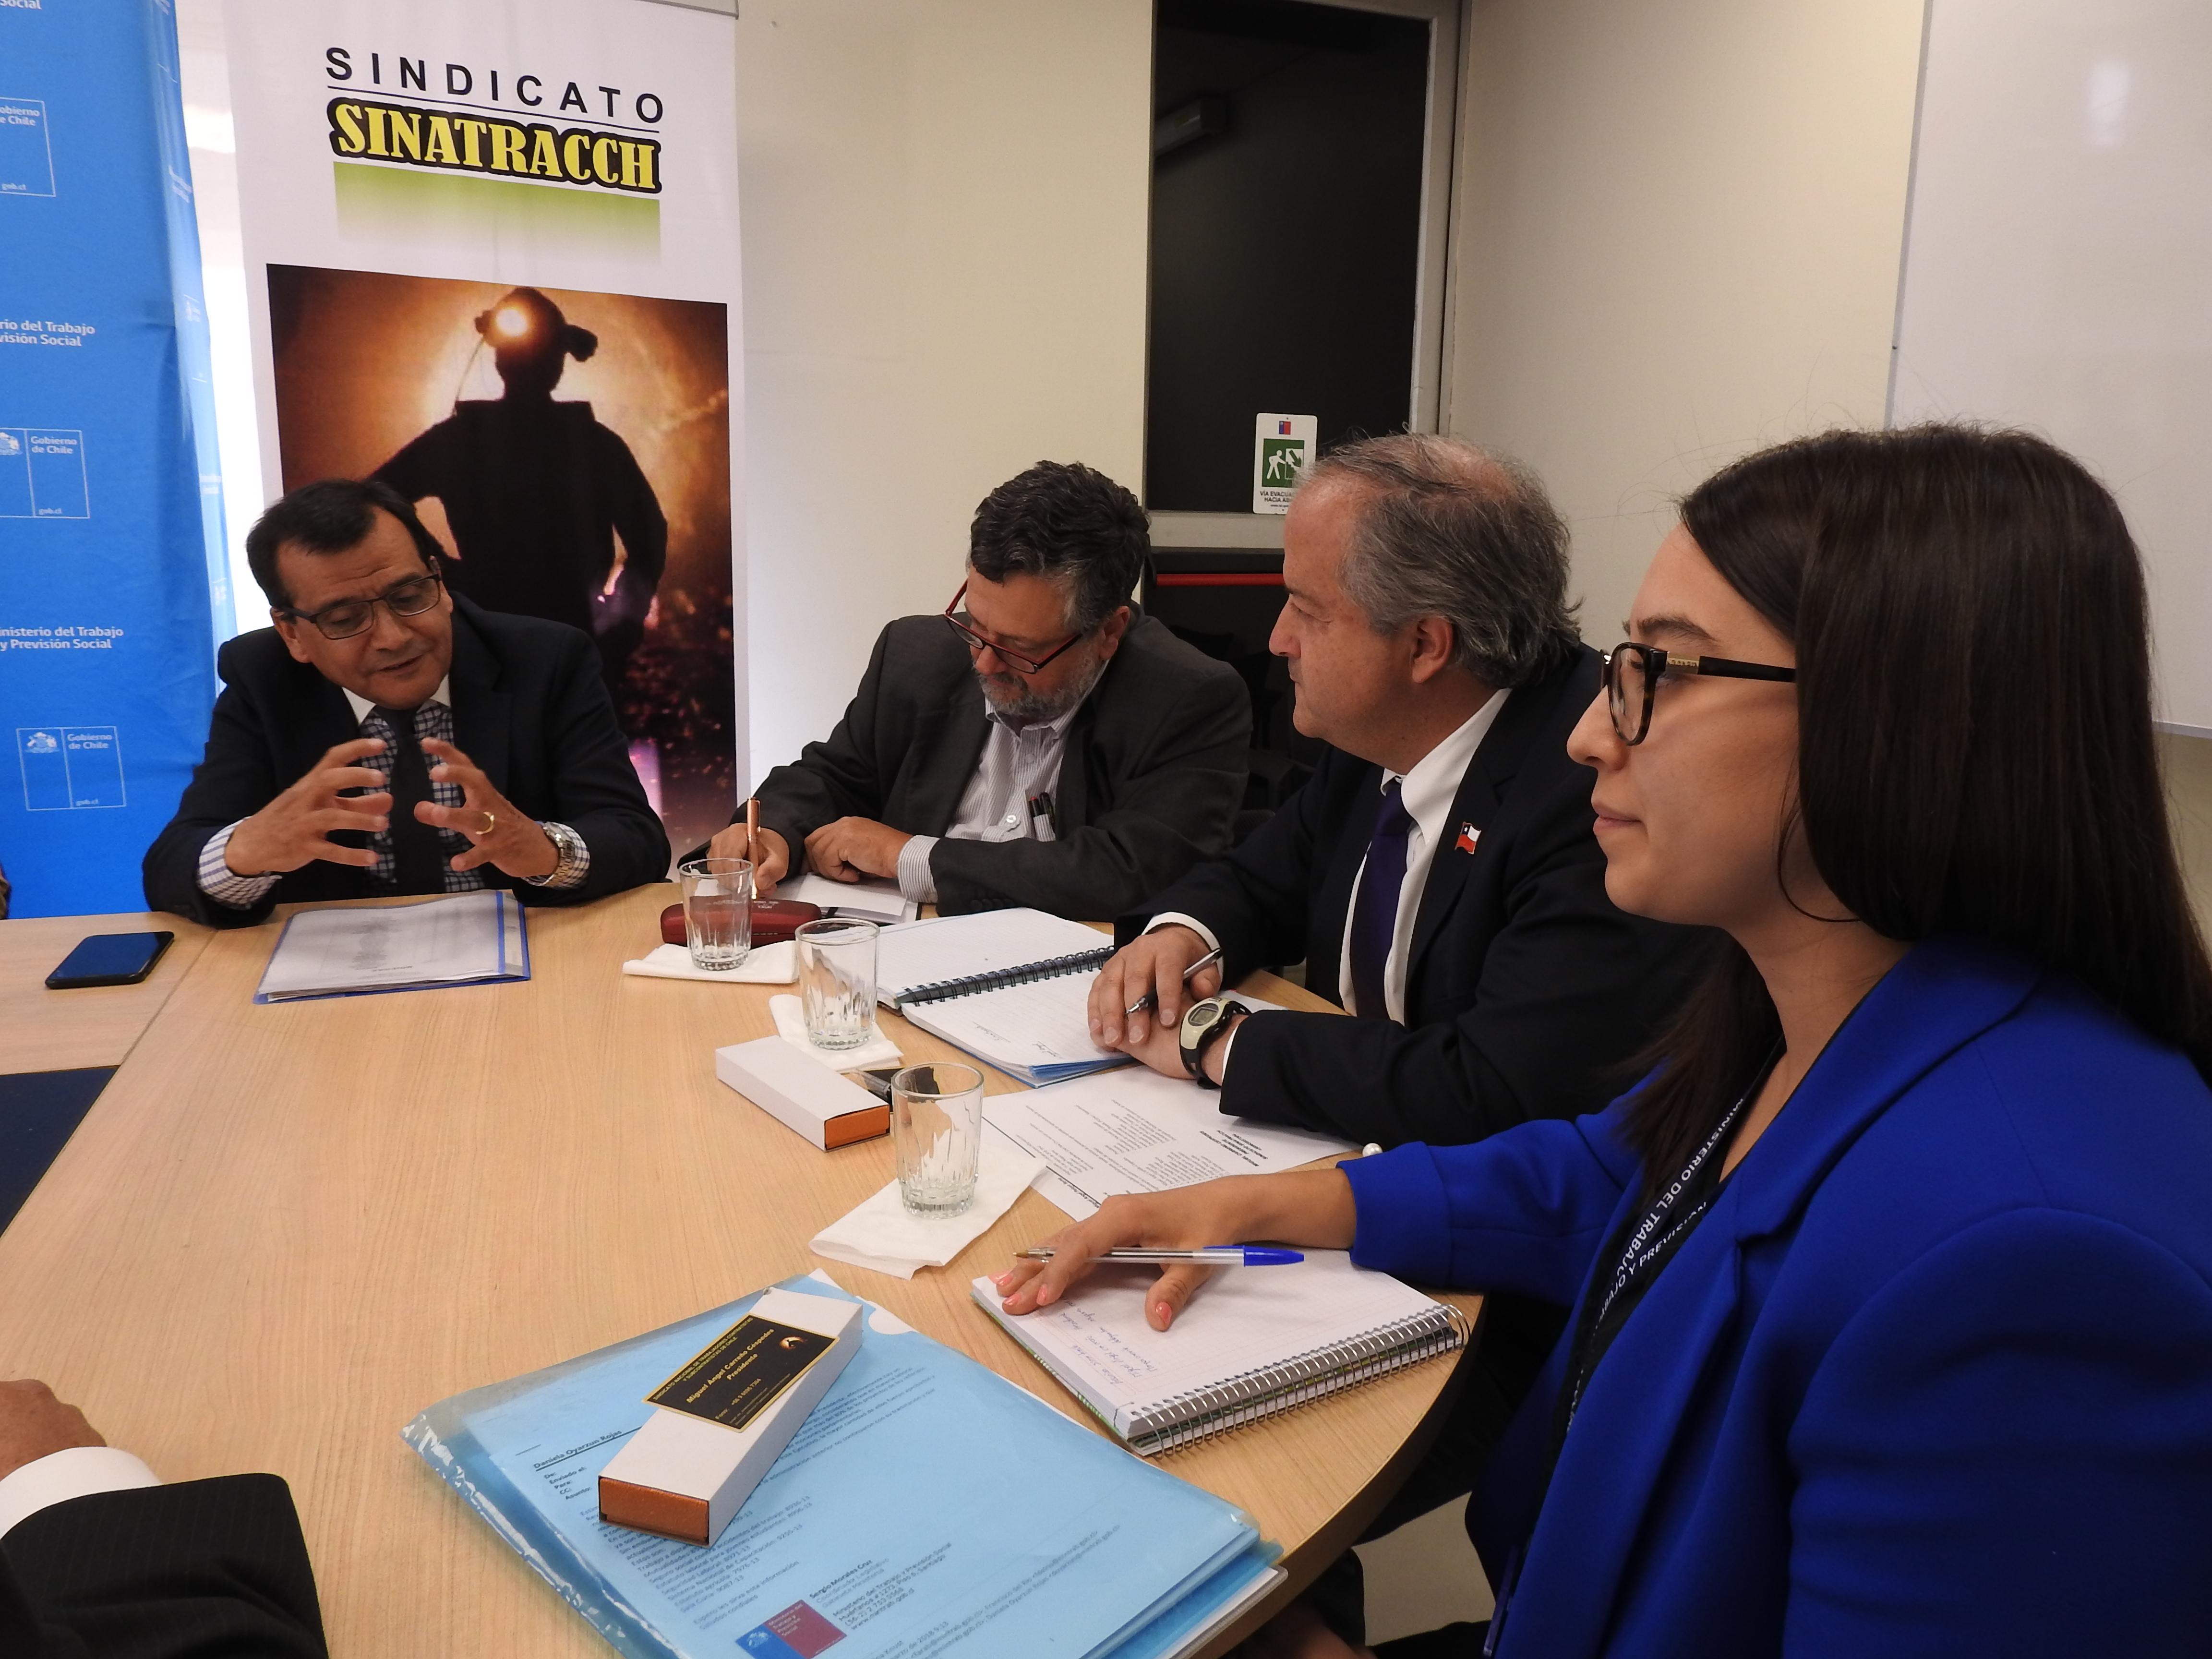 Ministro del Trabajo se reúne con SINATRACCH y acuerda avanzar junto al Sindicato en capacitación laboral